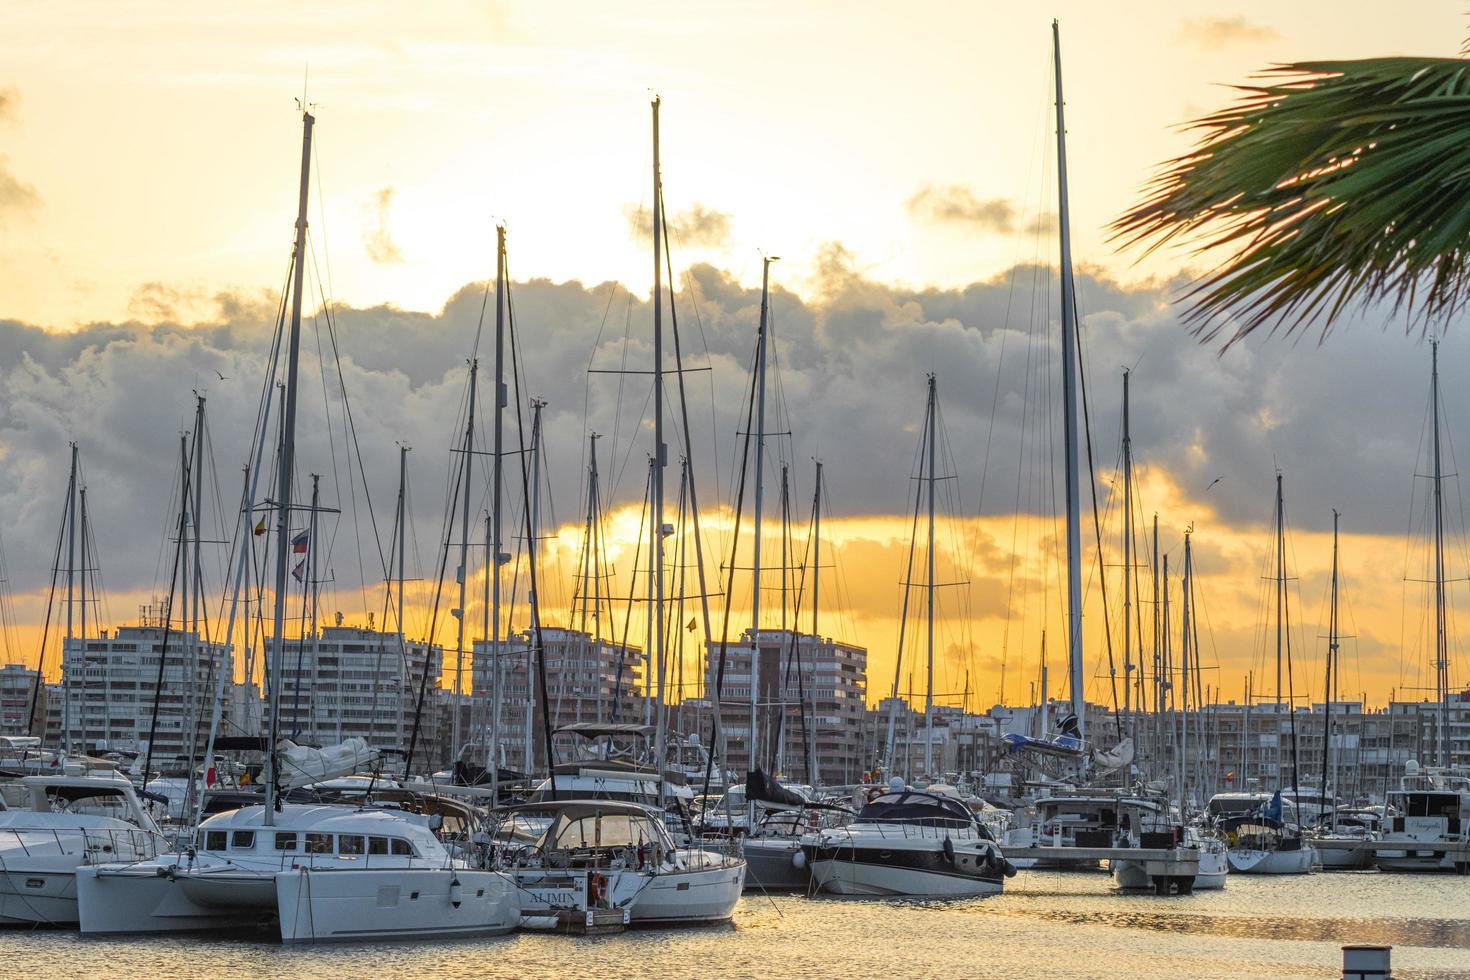 torrevieja, spanien, 2020 - vit och svart båt på bryggan under dagtid foto